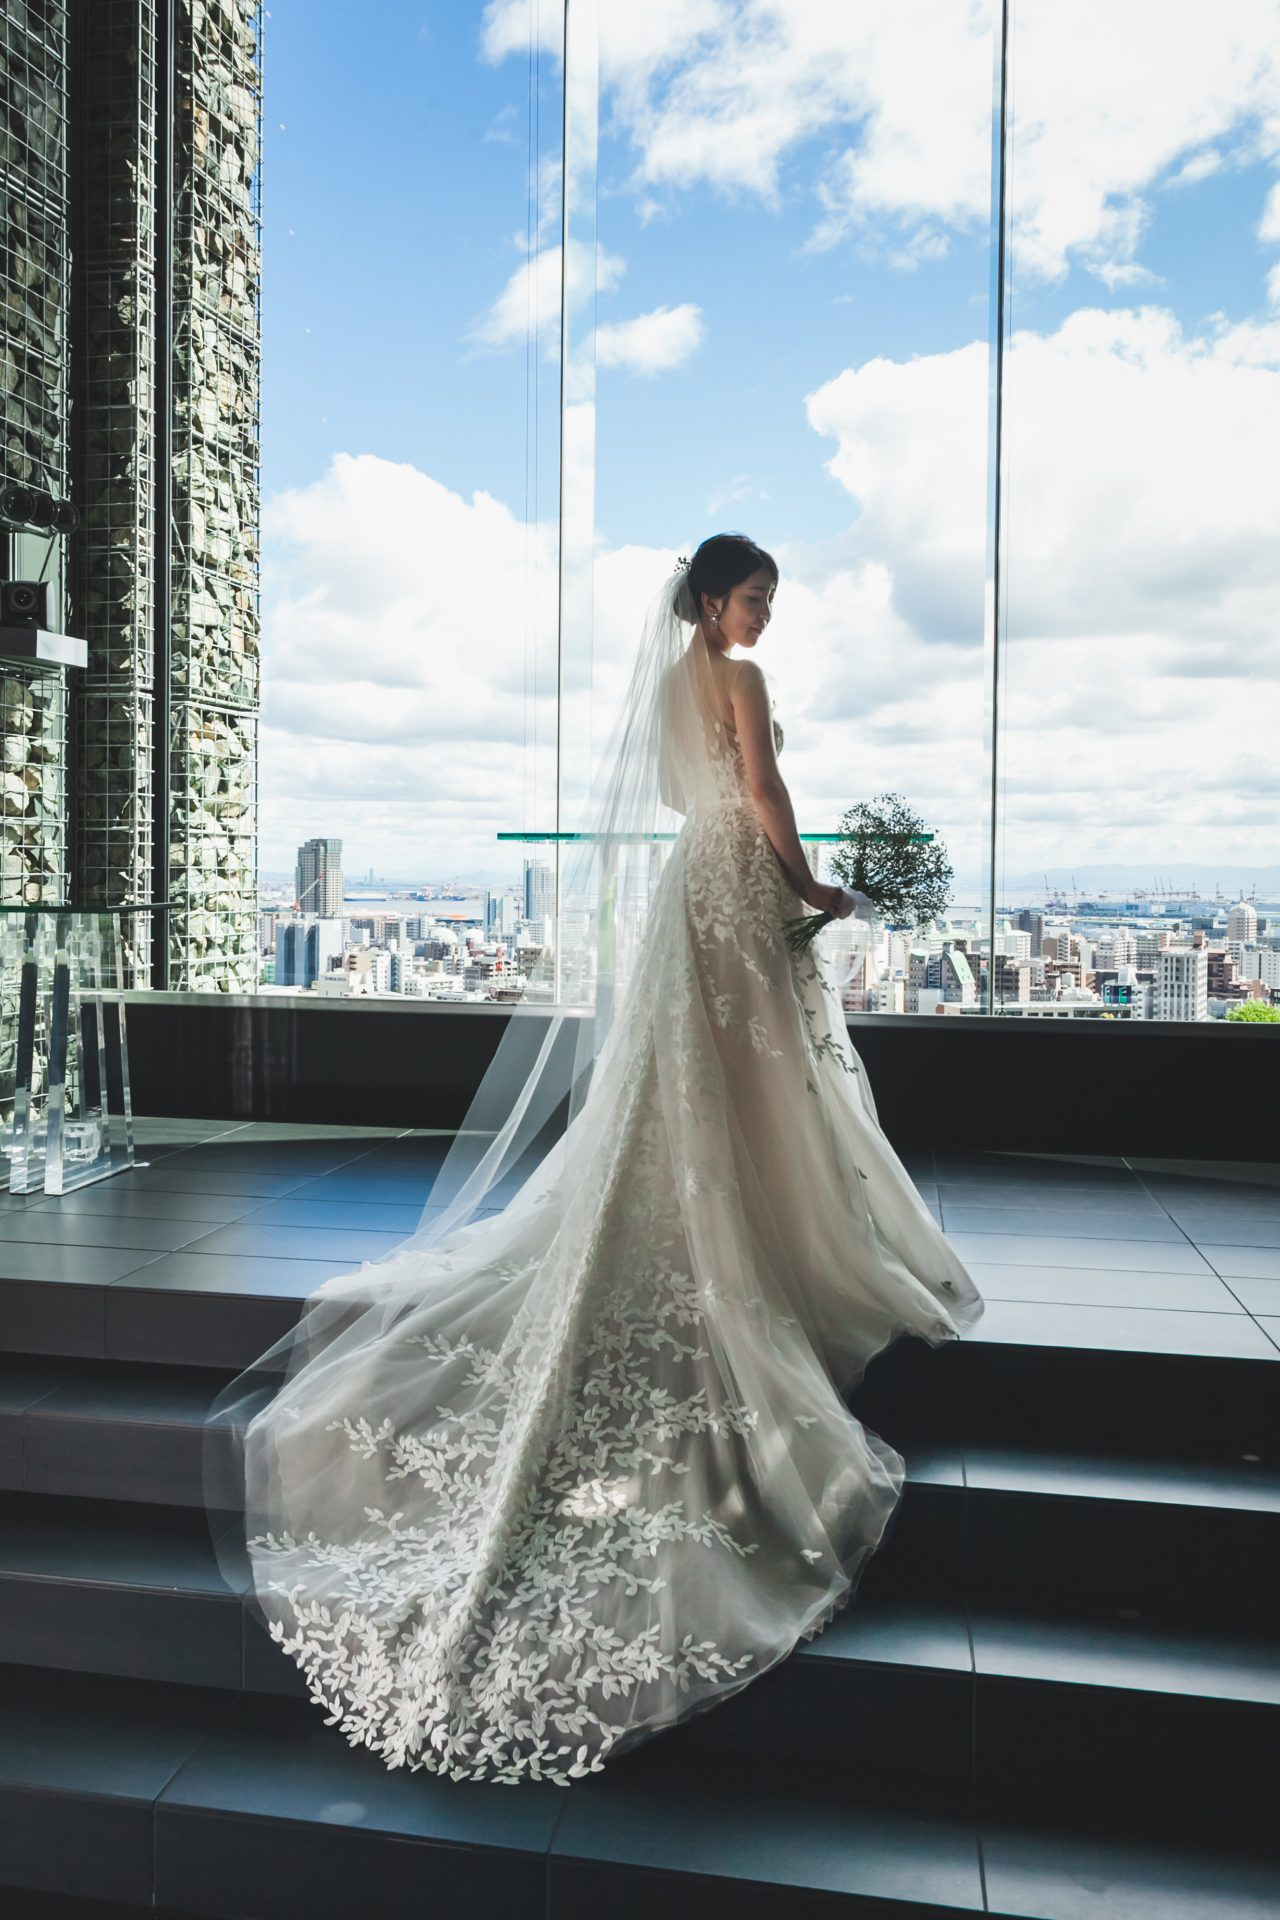 ザトリートドレッシング神戸店にお取り扱いのあるロングトレーンにリーフの刺繍が施された華やかなミラズウィリンガーのウェディングドレスで前撮りをされた新婦様のご紹介